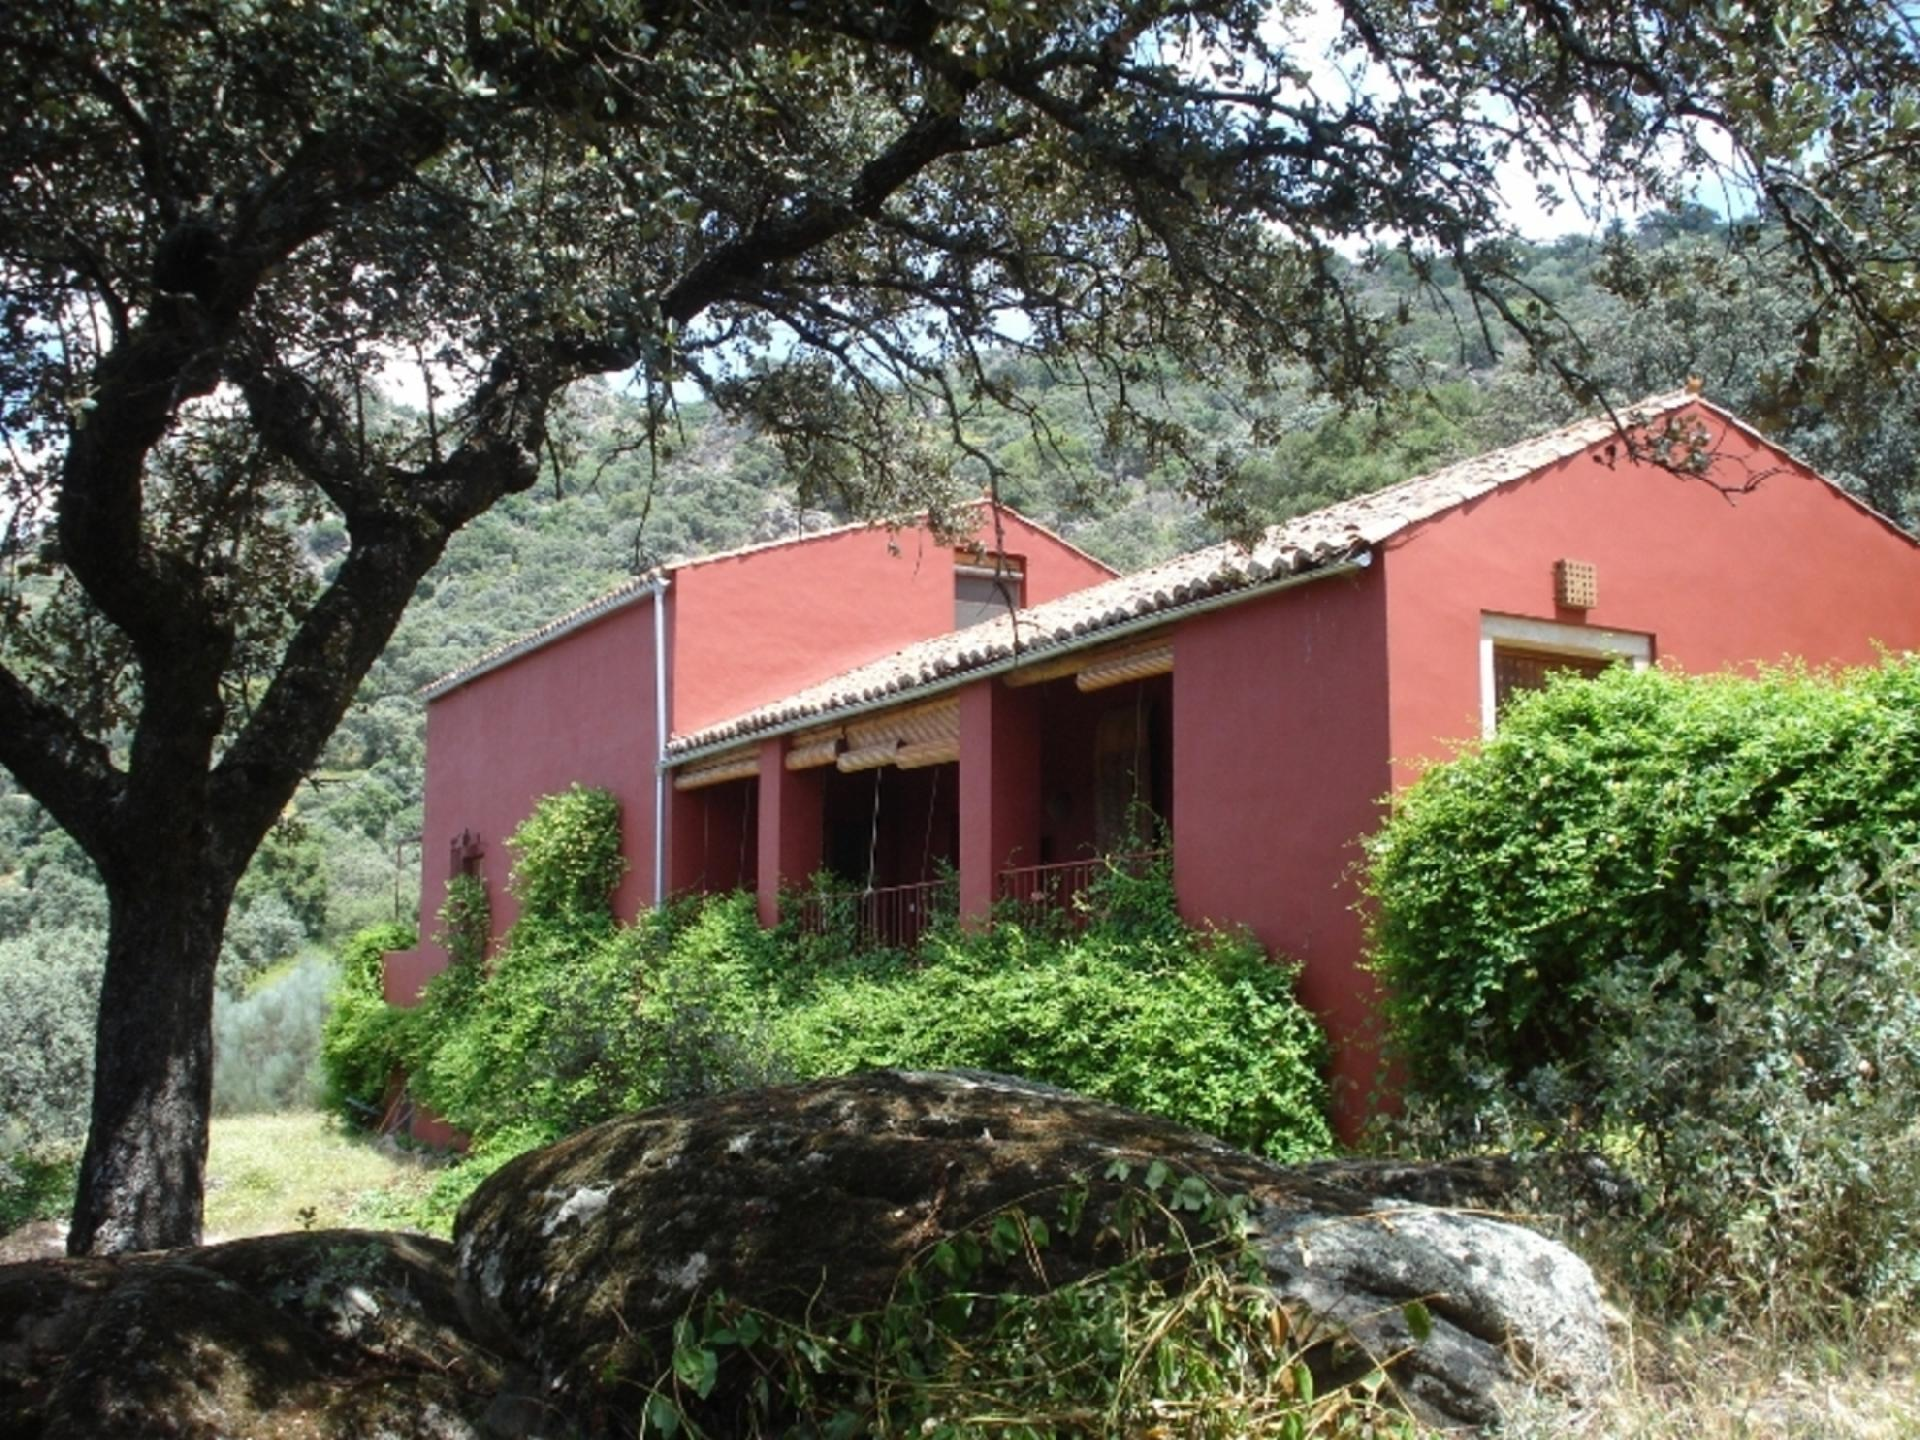 Ferienhaus für 6 Personen ca. 400 m² in